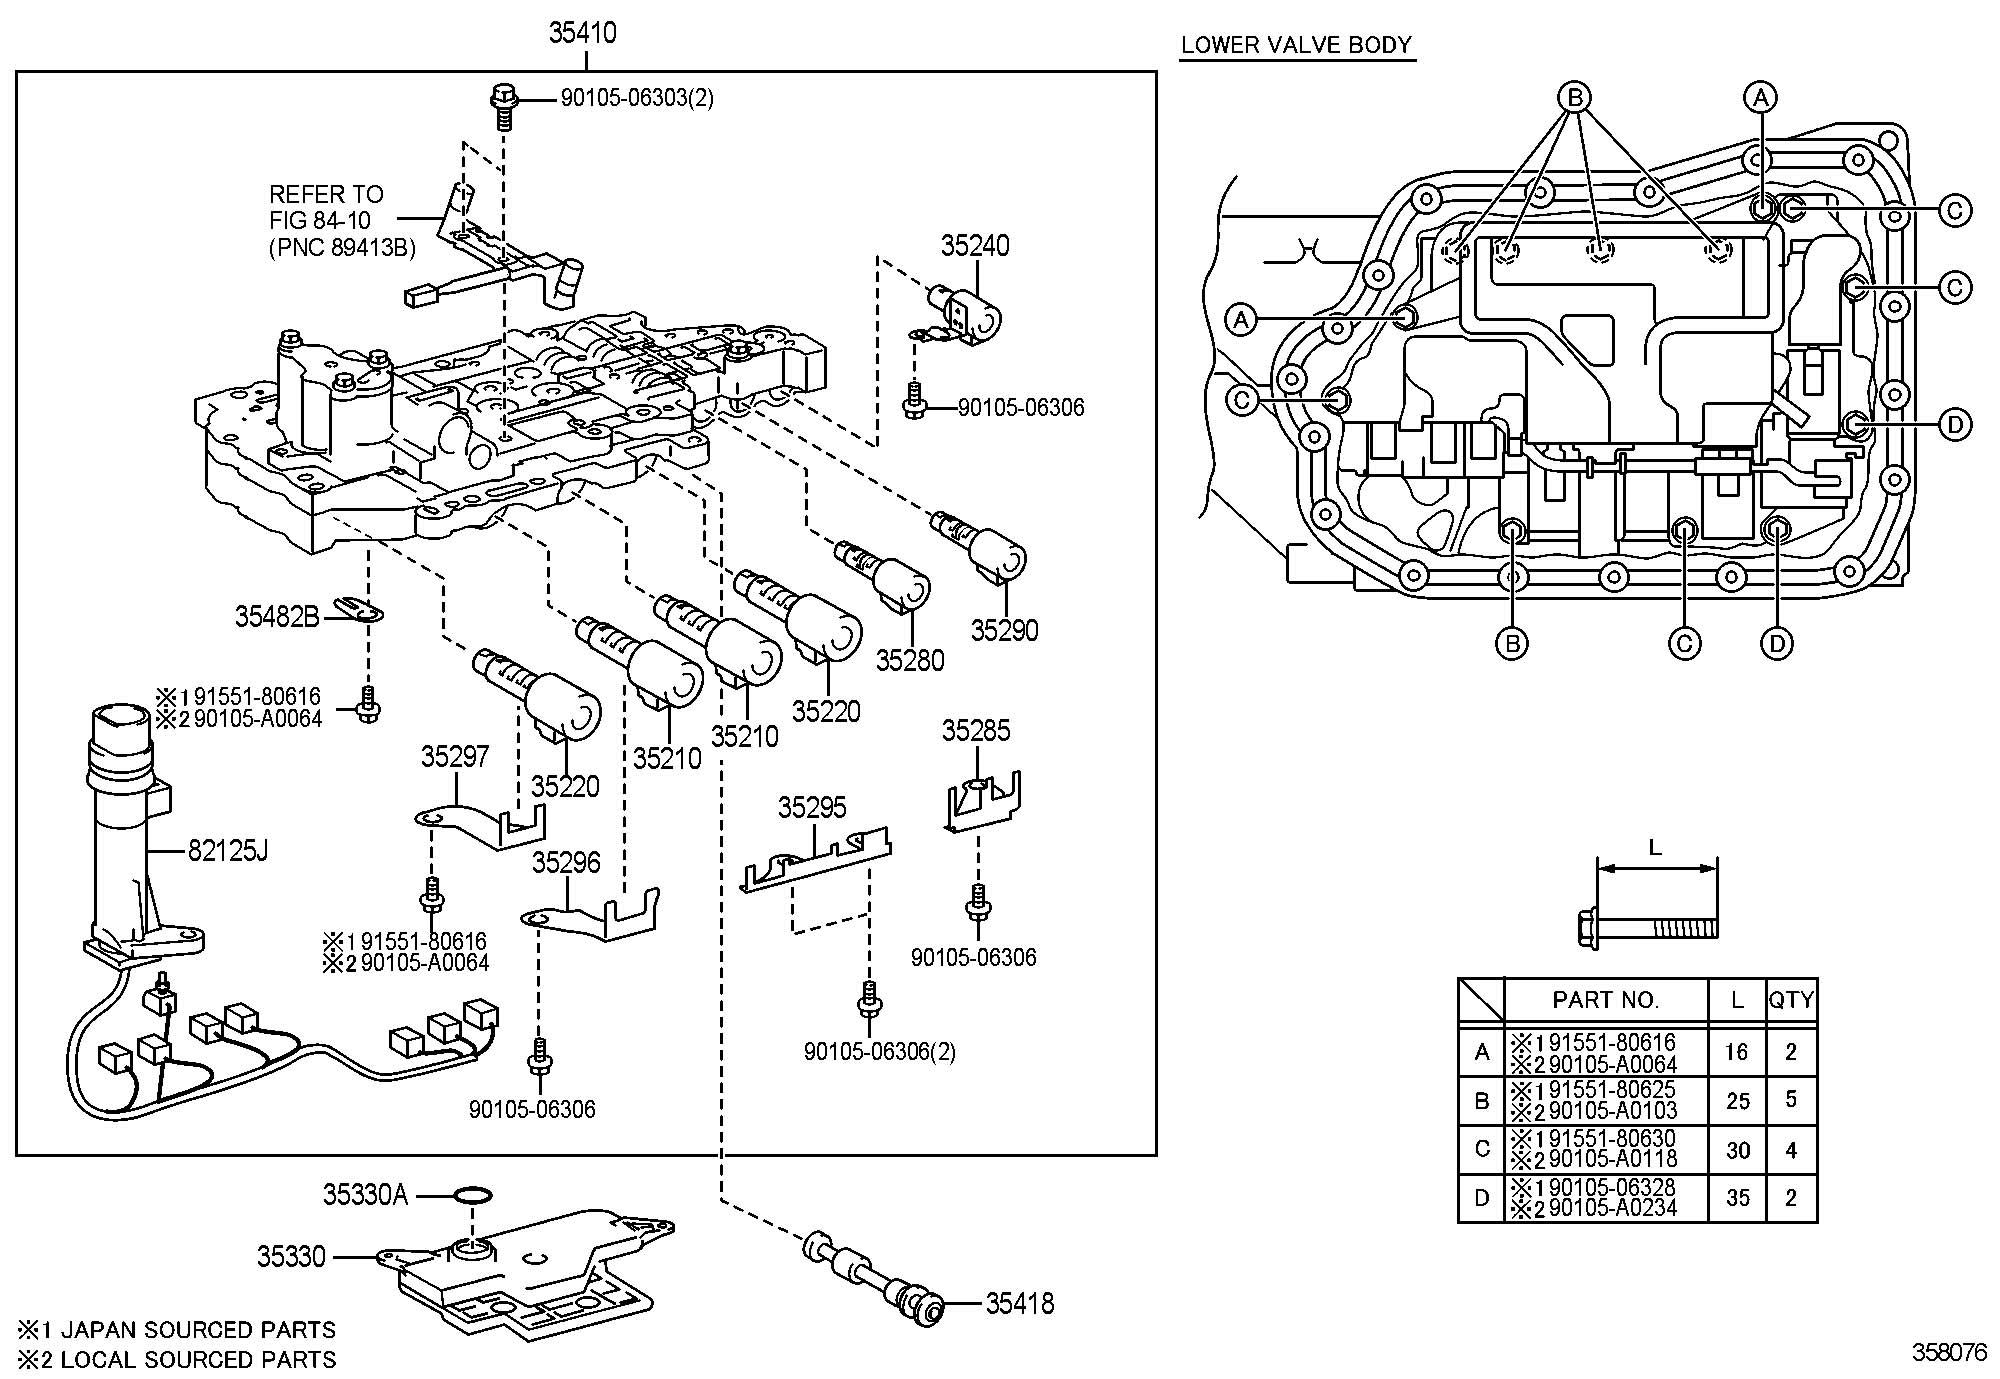 Toyota Camry Body Assembly Transmission Valve Body